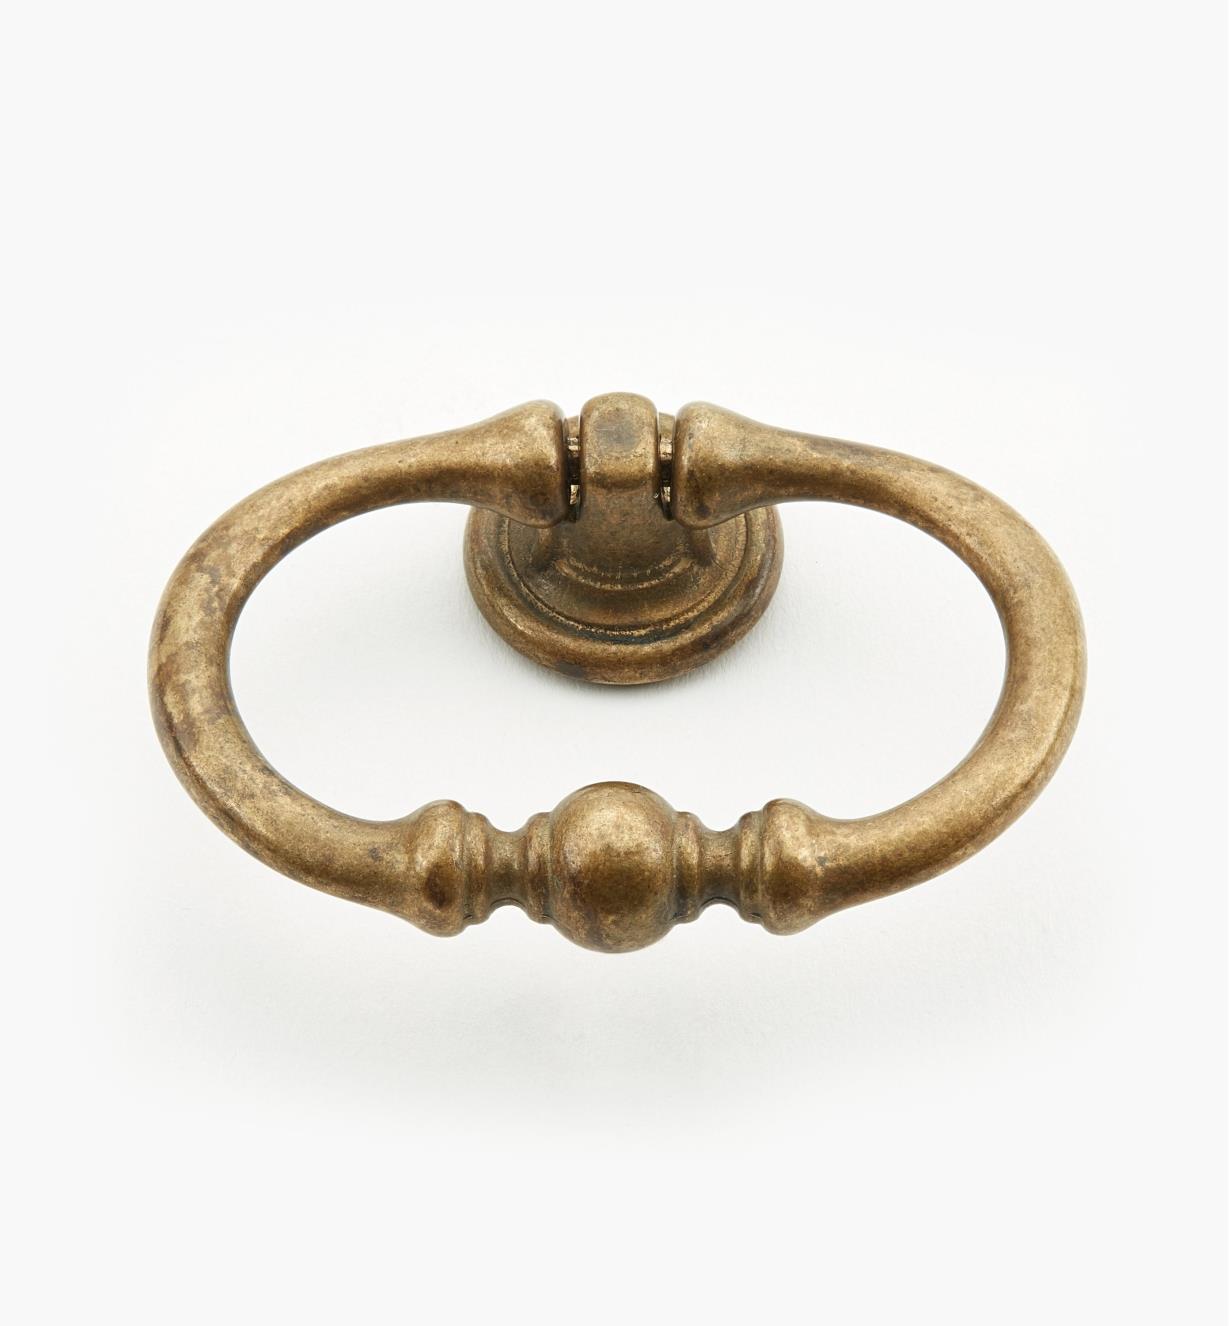 01A3972 - Poignée à anneau ovale de 67 mm, quincaillerie à trois perles, série I